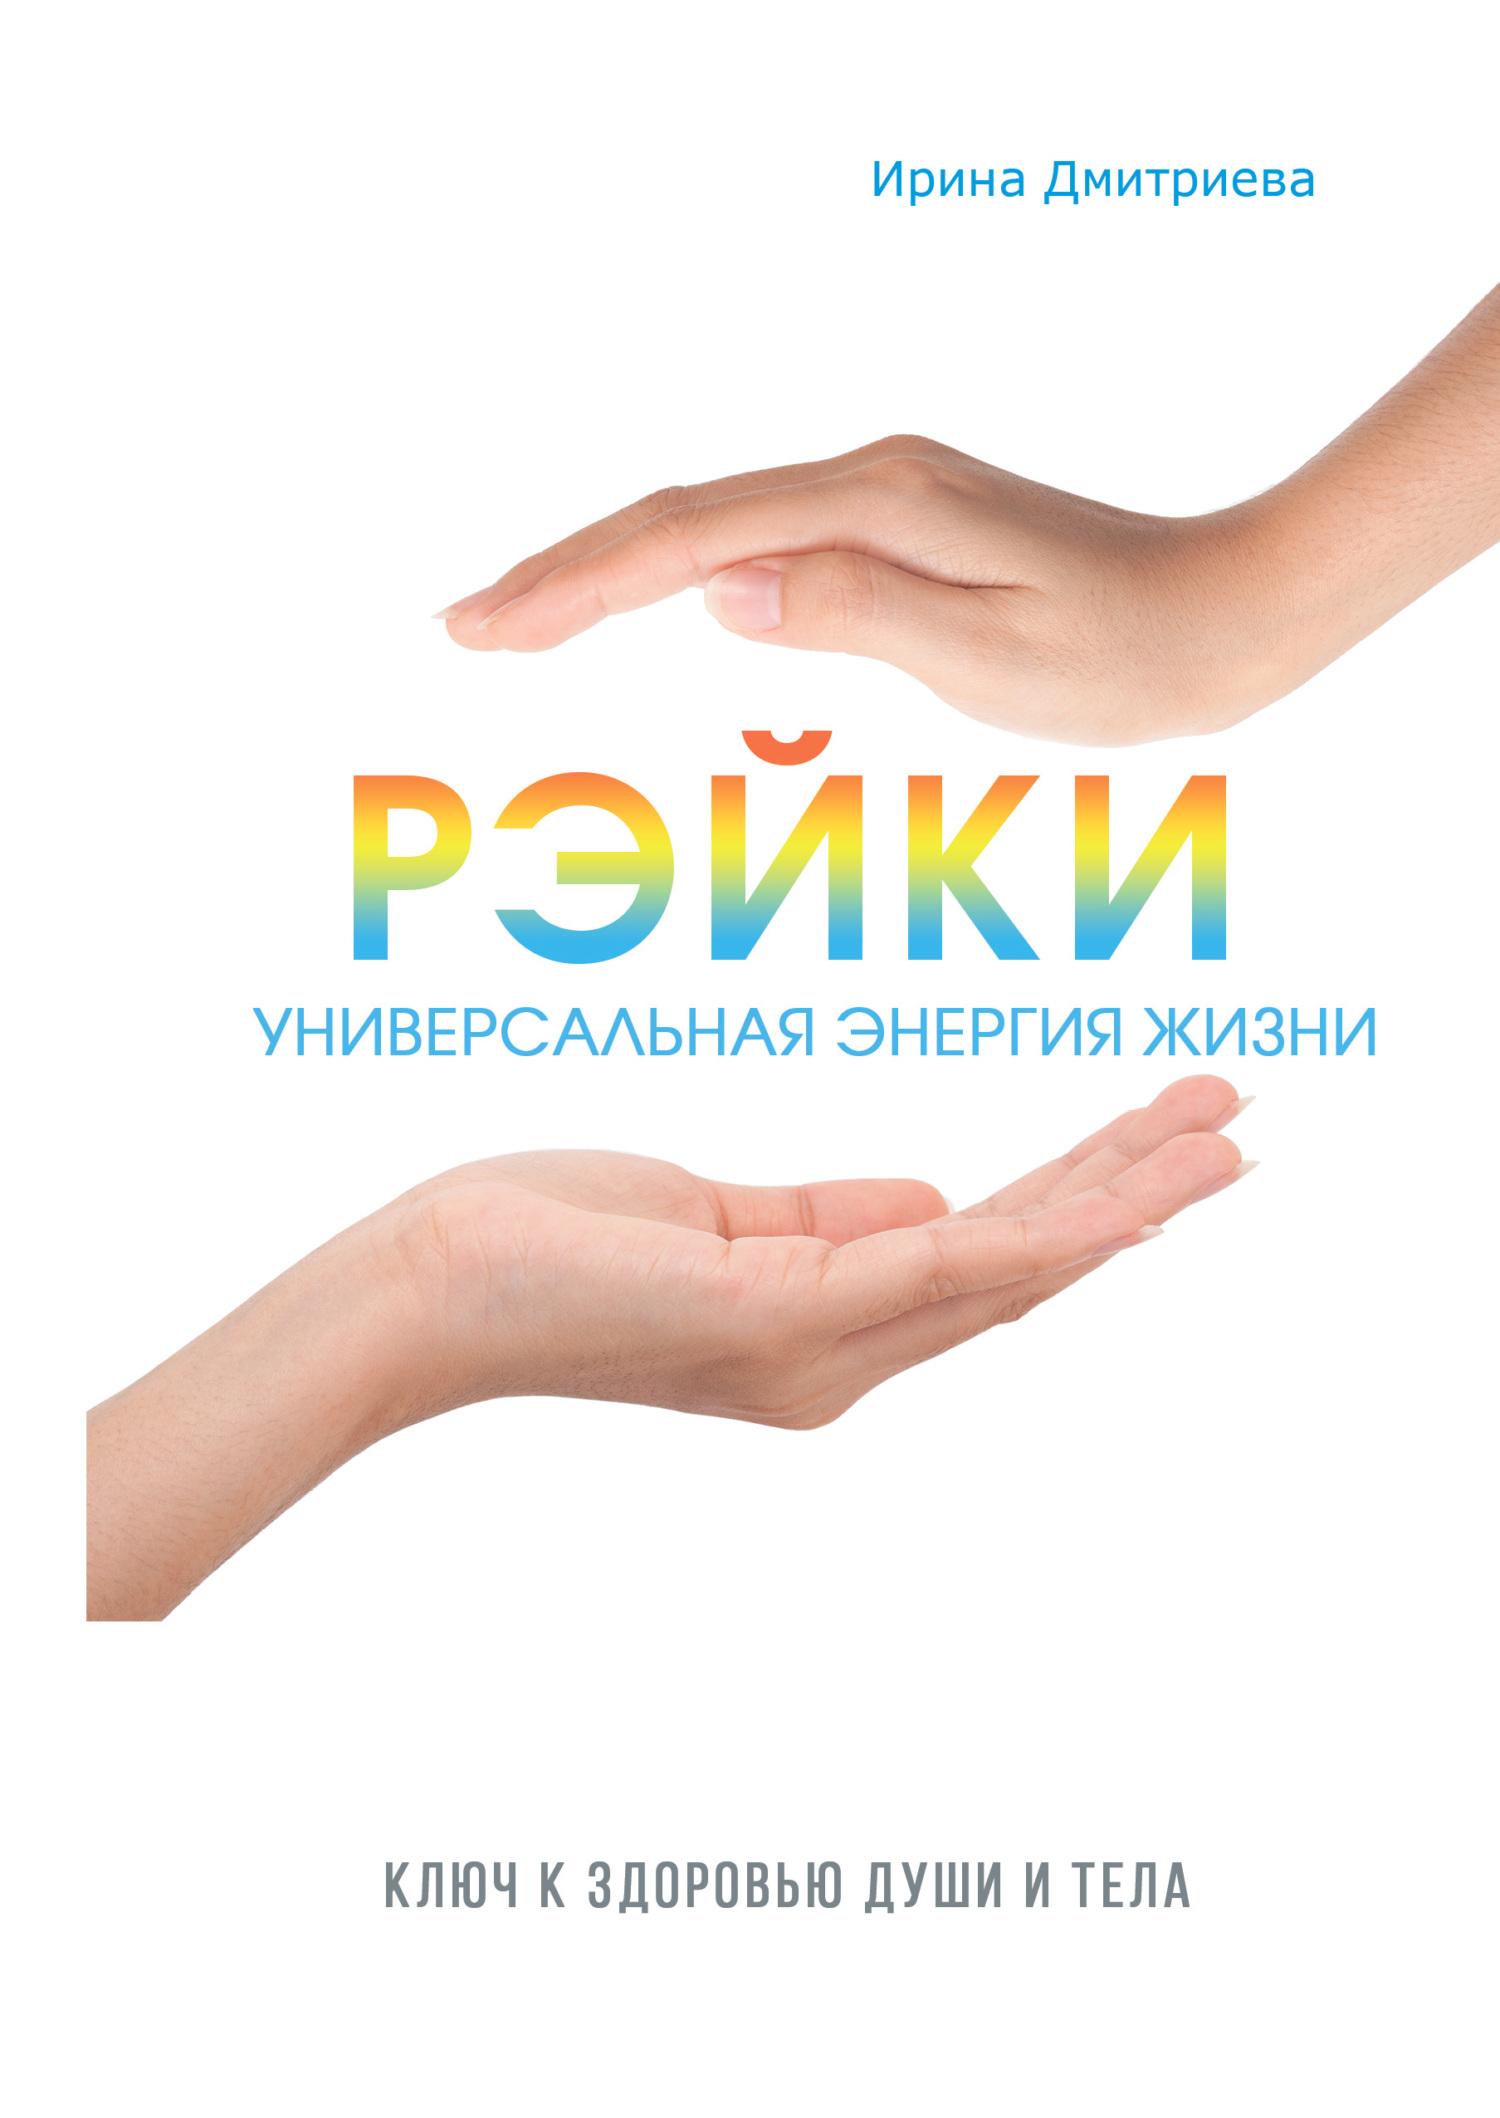 Ирина Дмитриева Рэйки – искусство исцеления руками